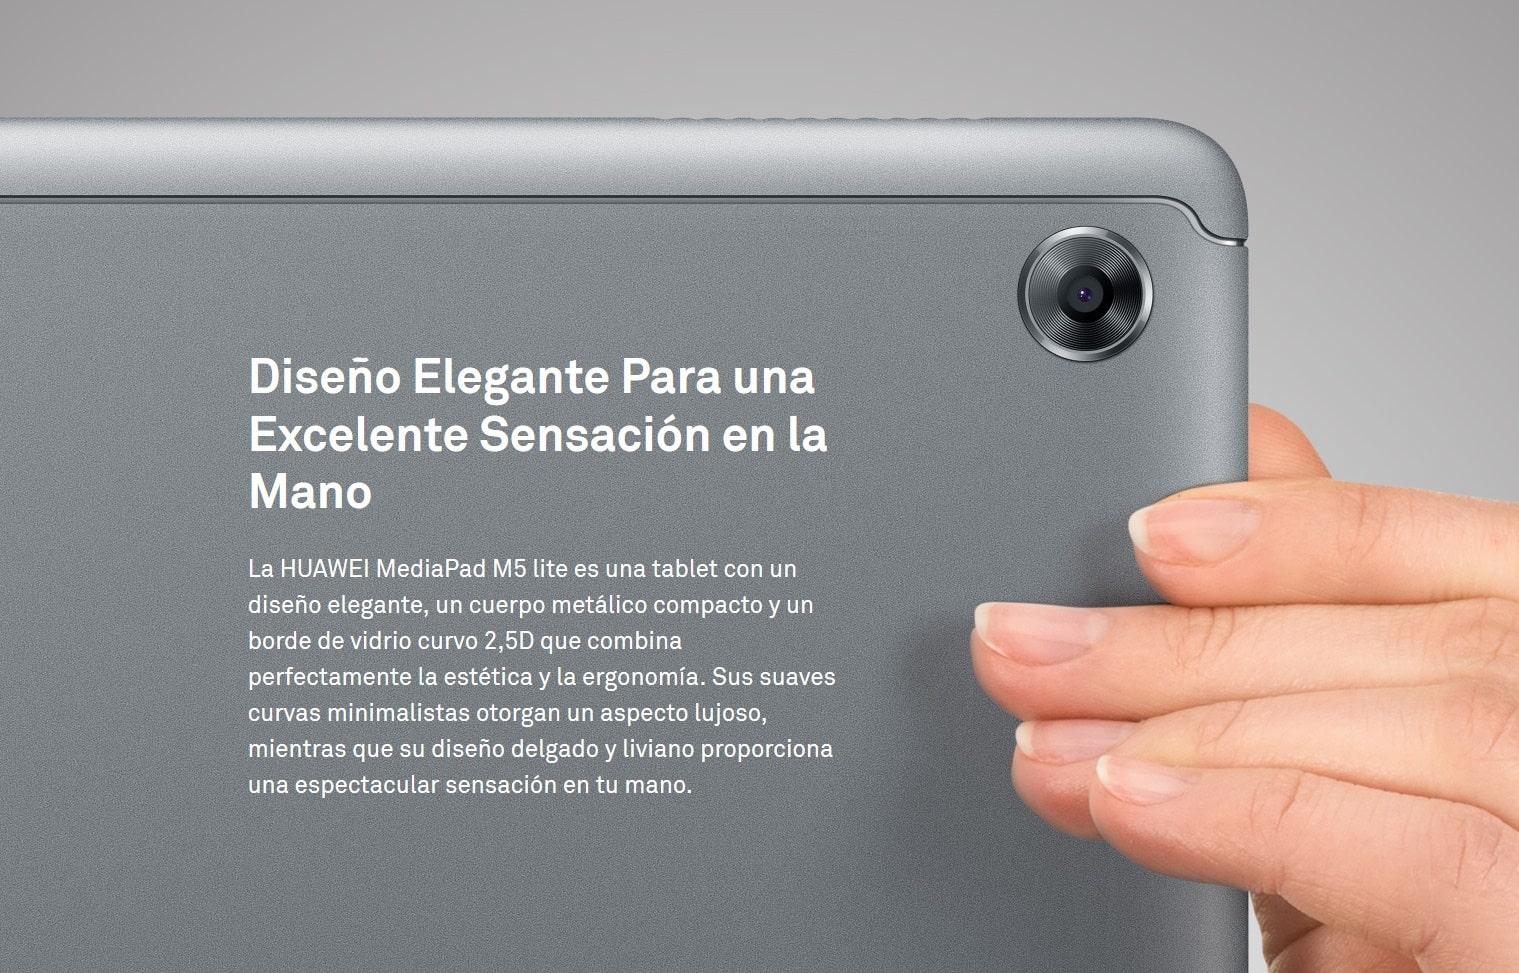 MediaPad Mi5 Lite des 8